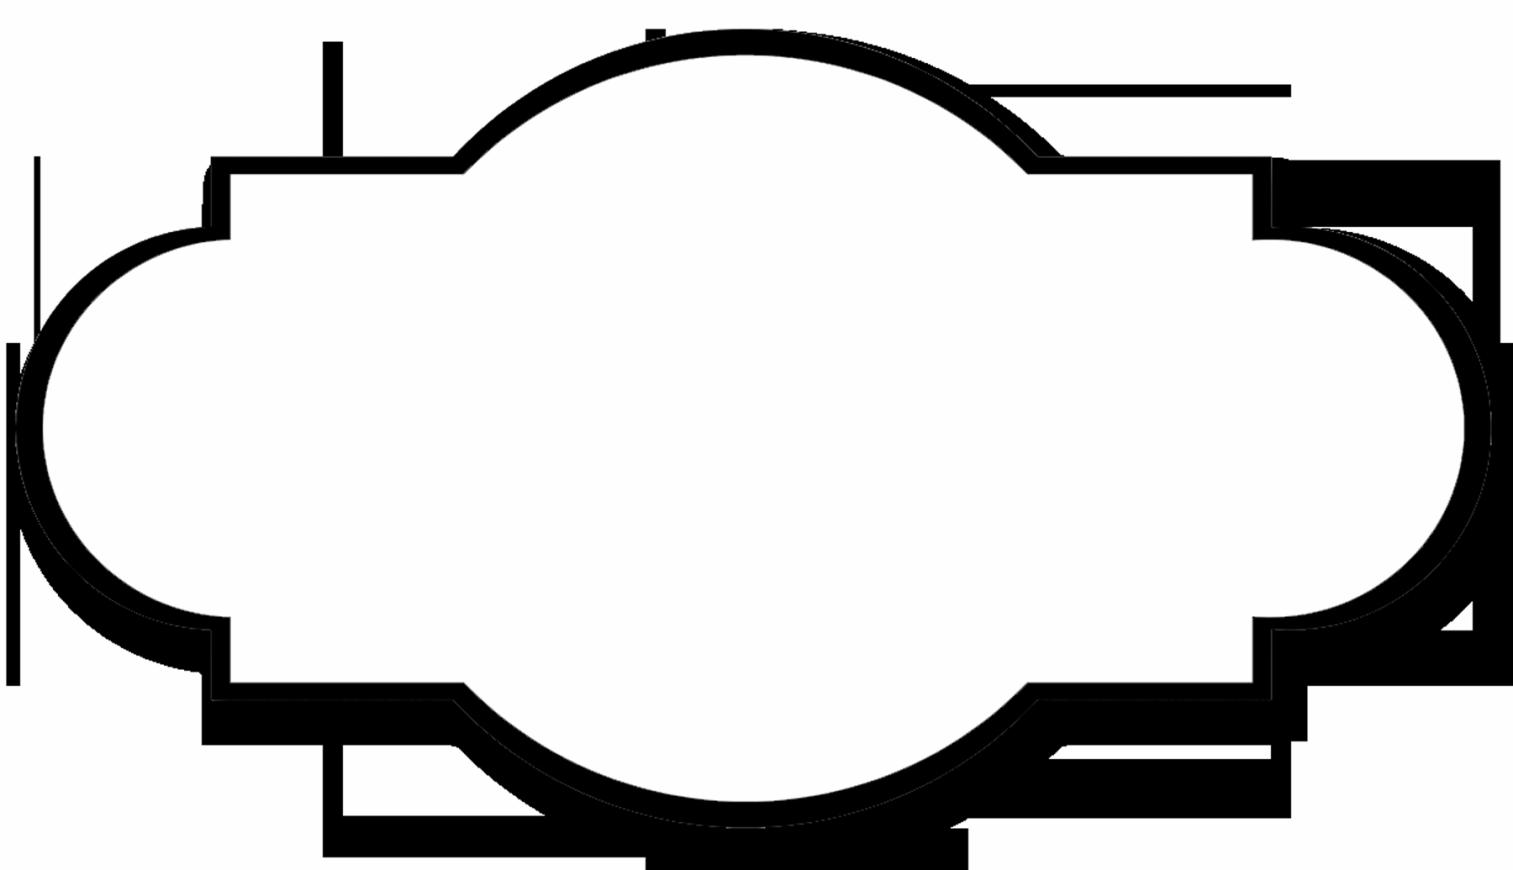 shared simple label. Bracket frame png